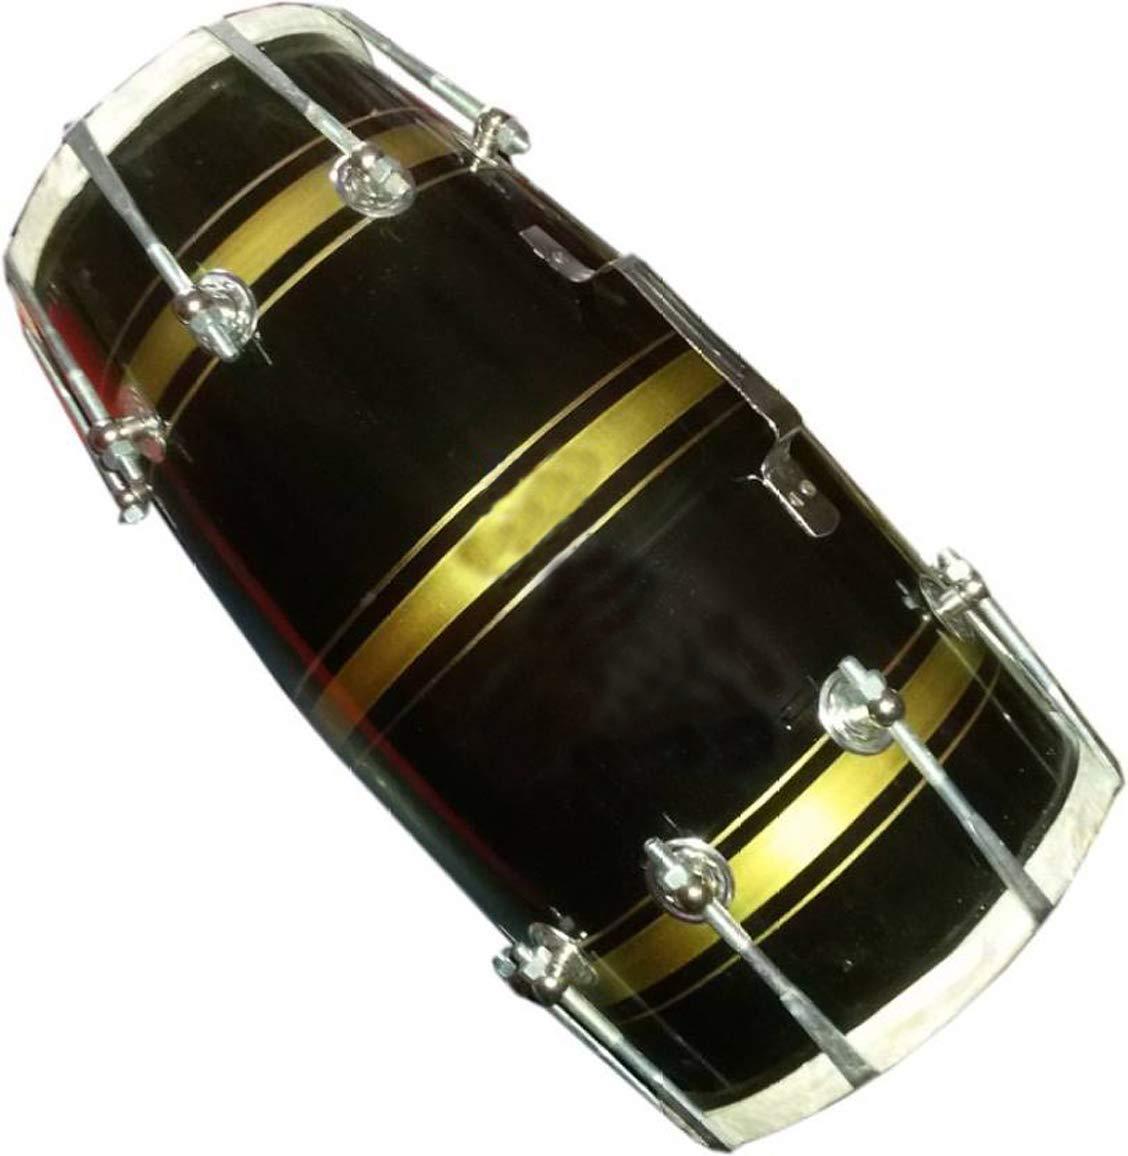 【限定品】 Makan Nut & Bag Bolts B07NJ2N4PB Handmade Indian Musical Instrument Wood Musical Dhol/Dholak/Dholki Drum With Carry Bag B07NJ2N4PB, ブランクチュール:df409fd4 --- a0267596.xsph.ru